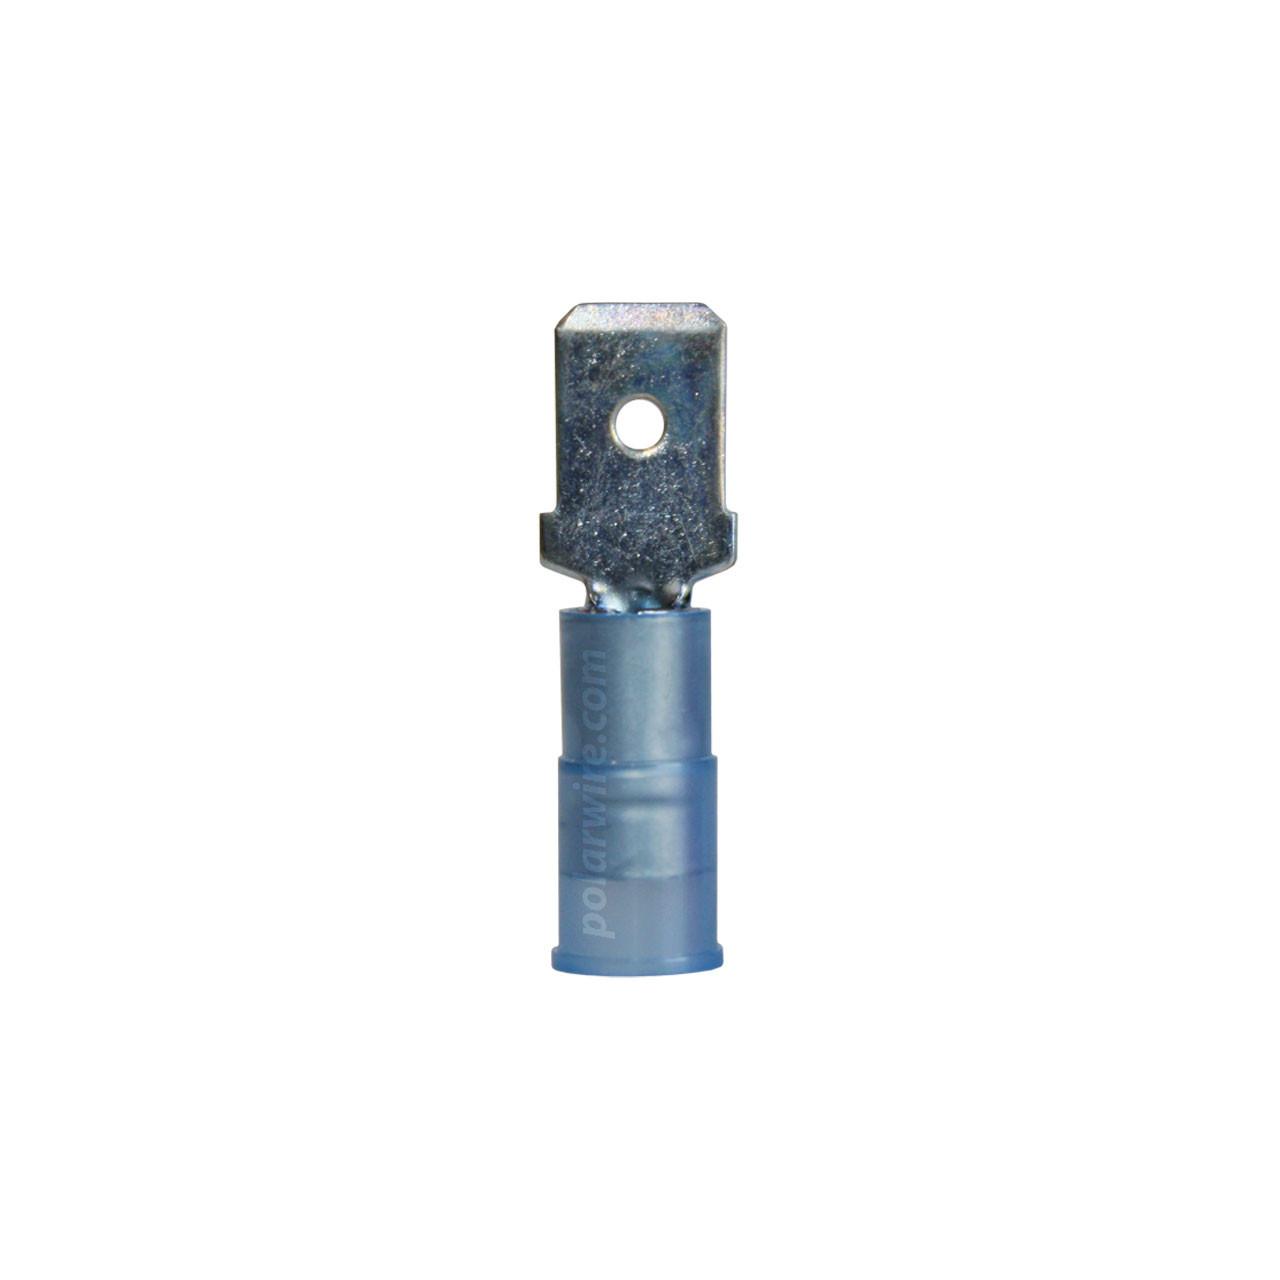 NYLON SLIDE-M 16-14GA.250  MALE 100 PACK MOLEX